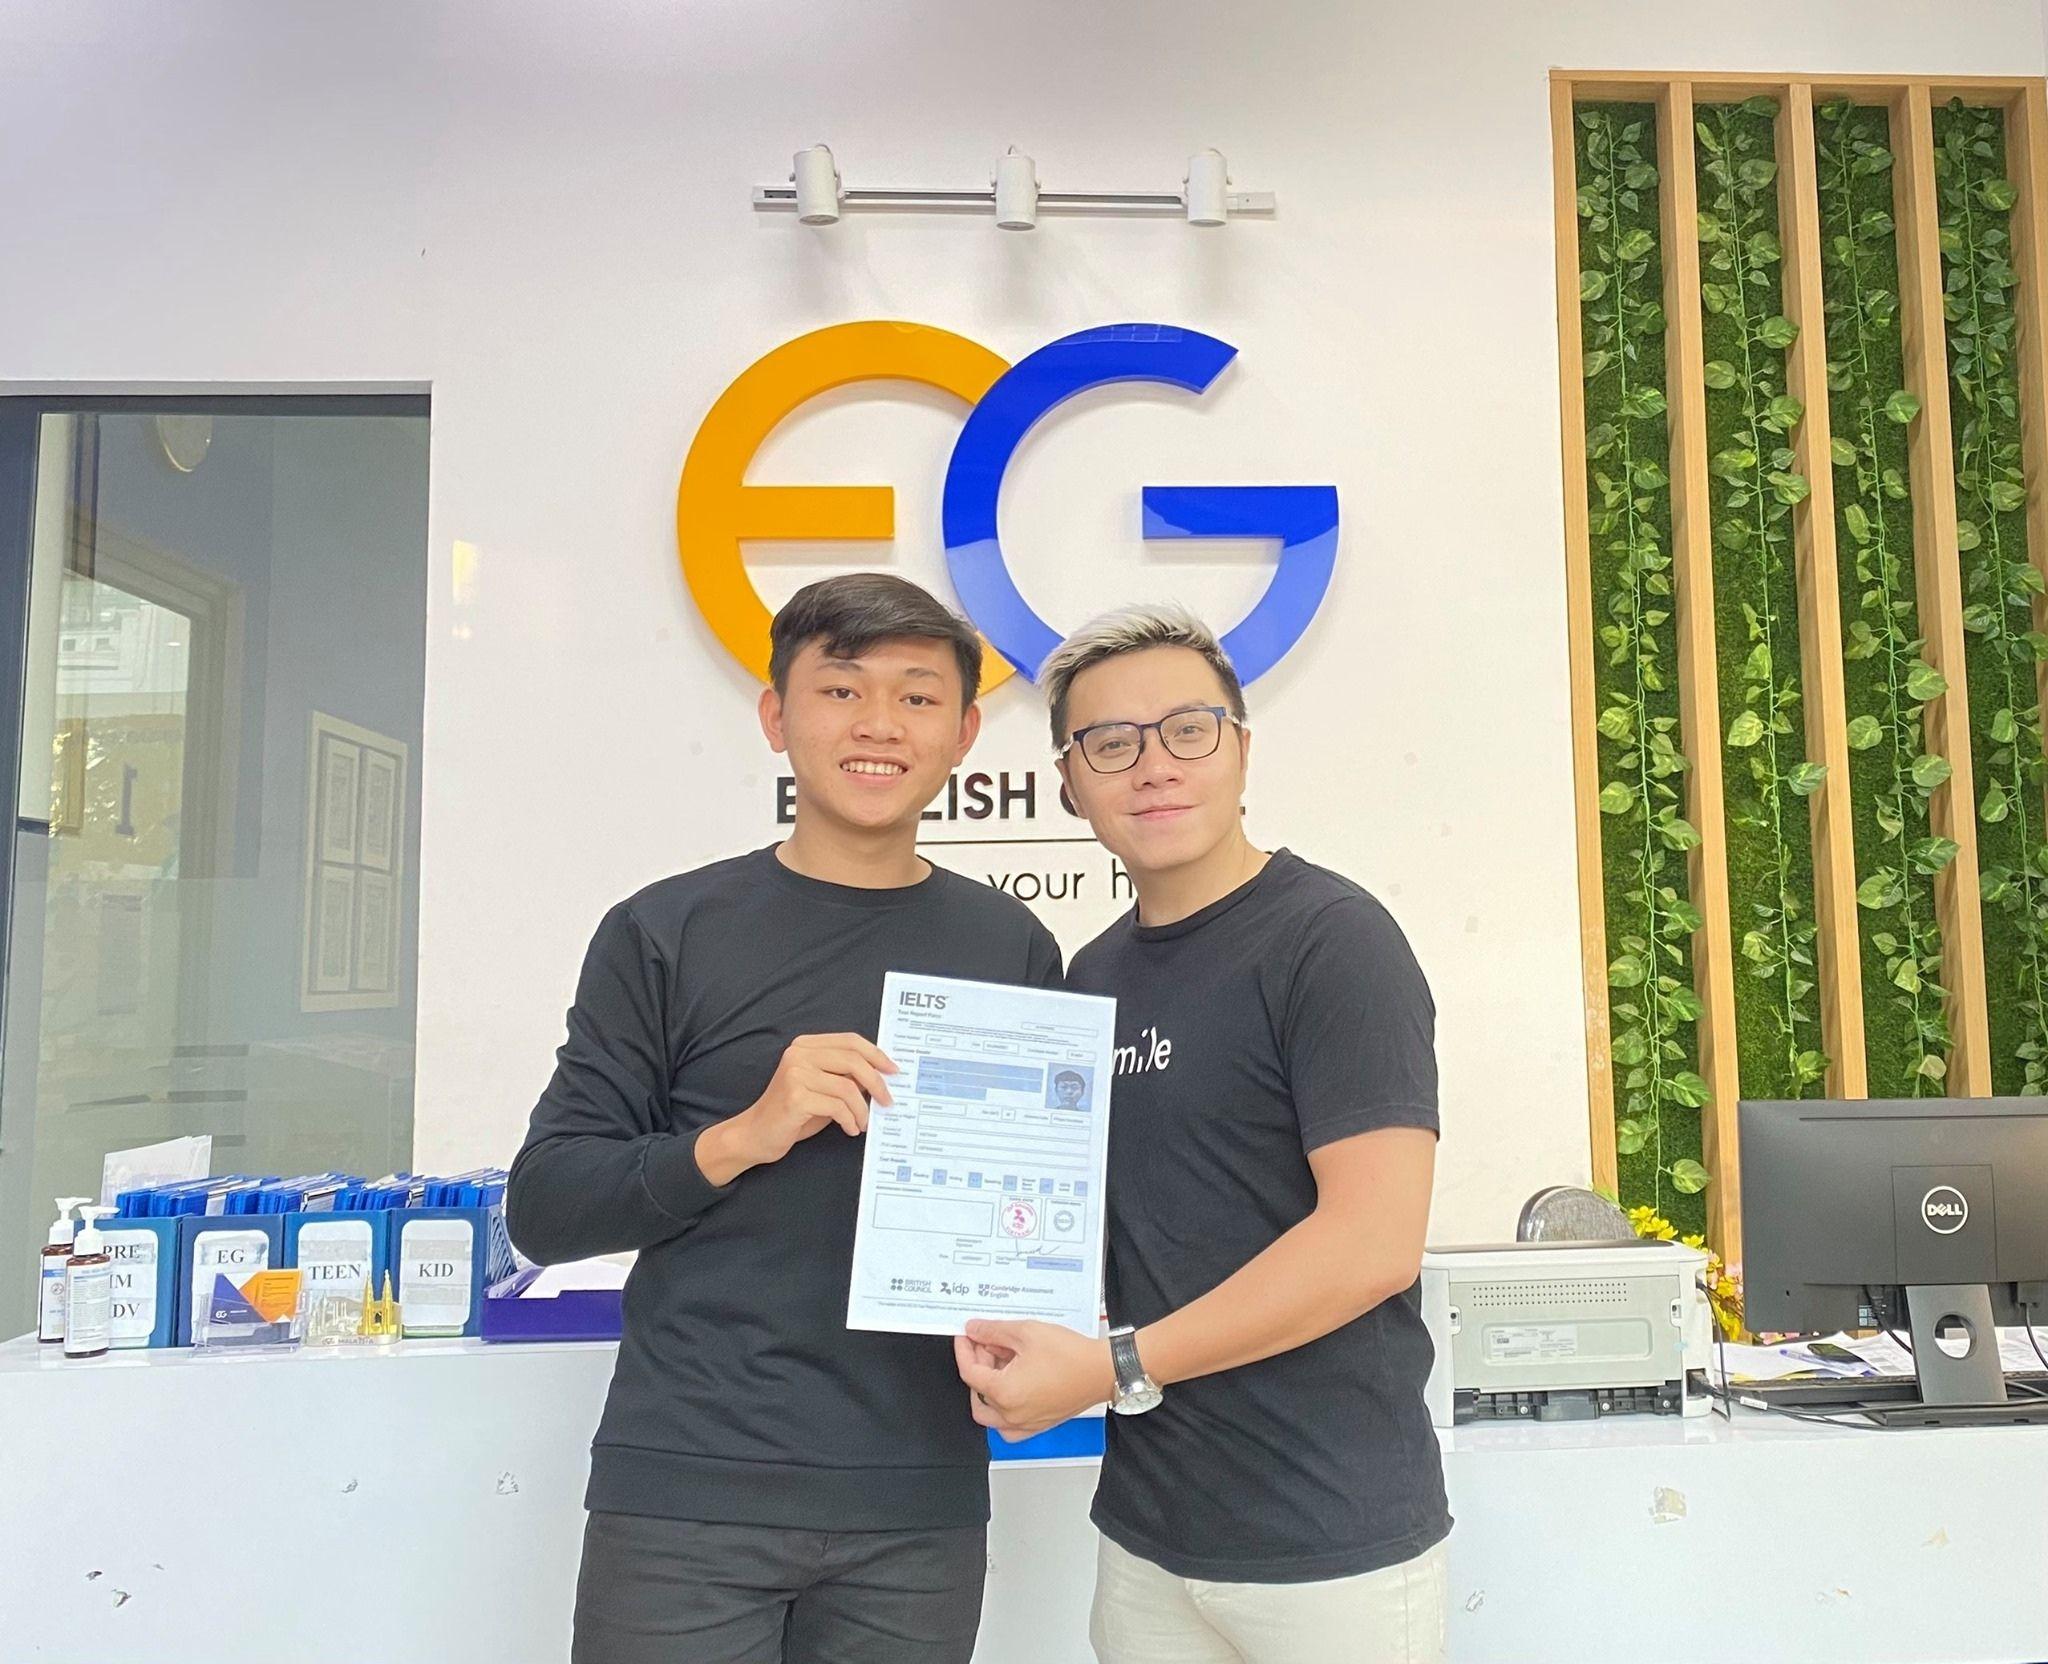 Học viên Nguyễn Kế Lê Tiến – 7.5 IELTS